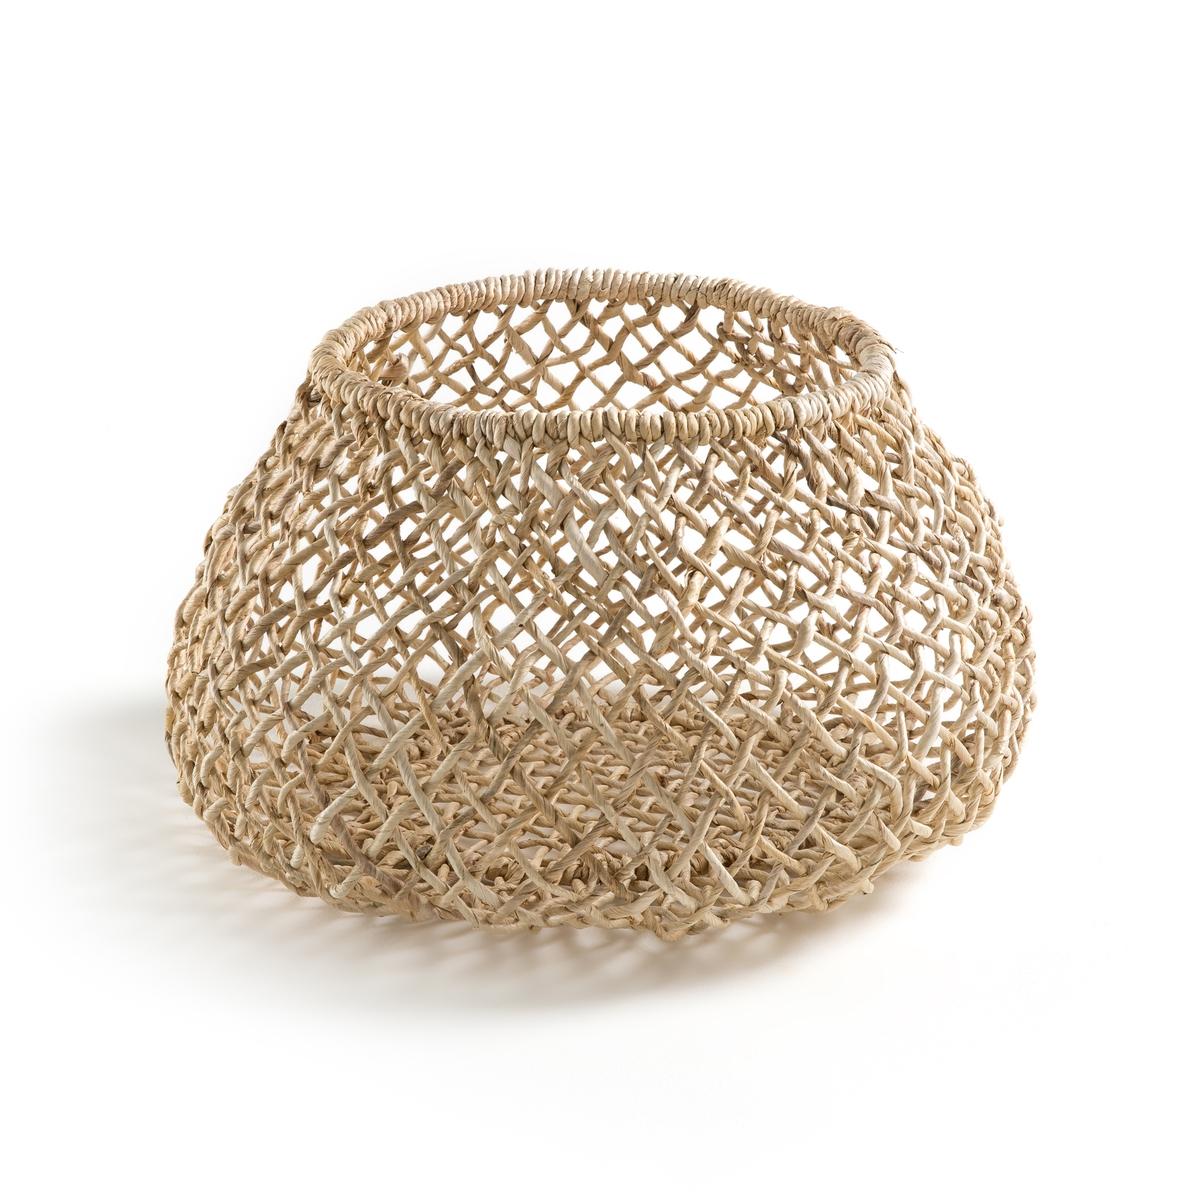 Корзина ручного производства из манильской пеньки, AfataКорзина Afata. Прозрачная и легкая. Можно использовать как кашпо или как корзину для хранения. Из плетеной  манильской пеньки. Произведено вручную. Размер : Ш.37 x В.37 x Г.37 см.<br><br>Цвет: серо-бежевый